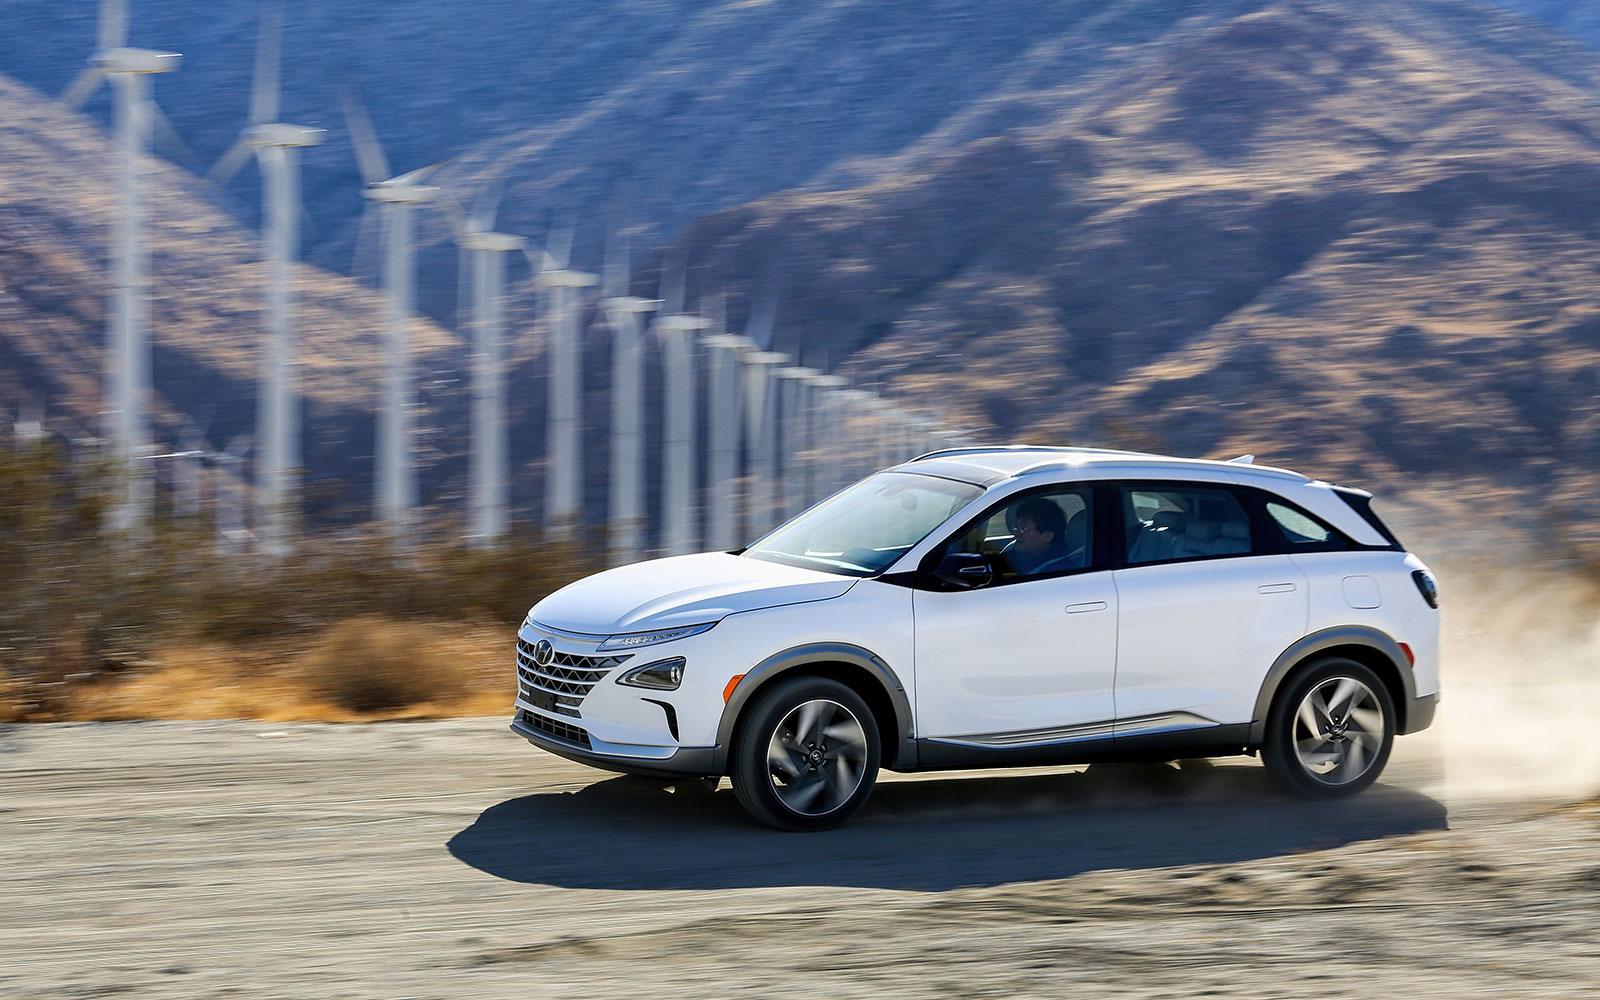 Hyundai dévoile son nouveau véhicule électrique à hydrogène Nexo au CES 2018